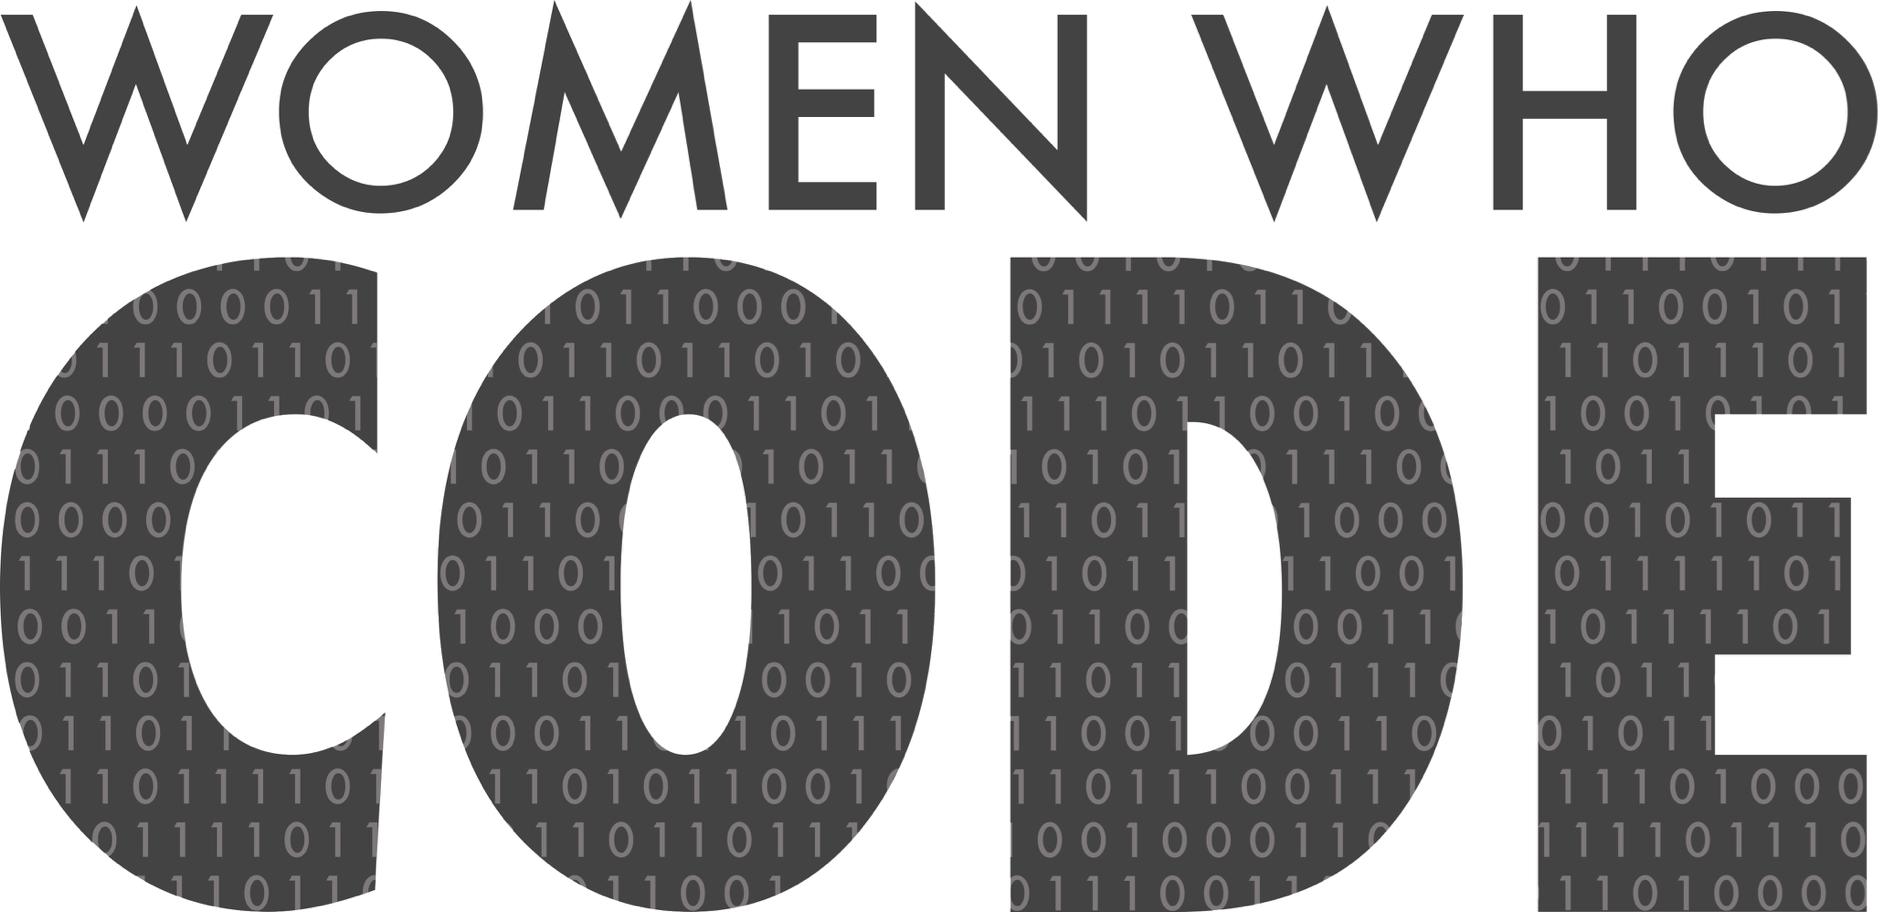 women who code-1.png